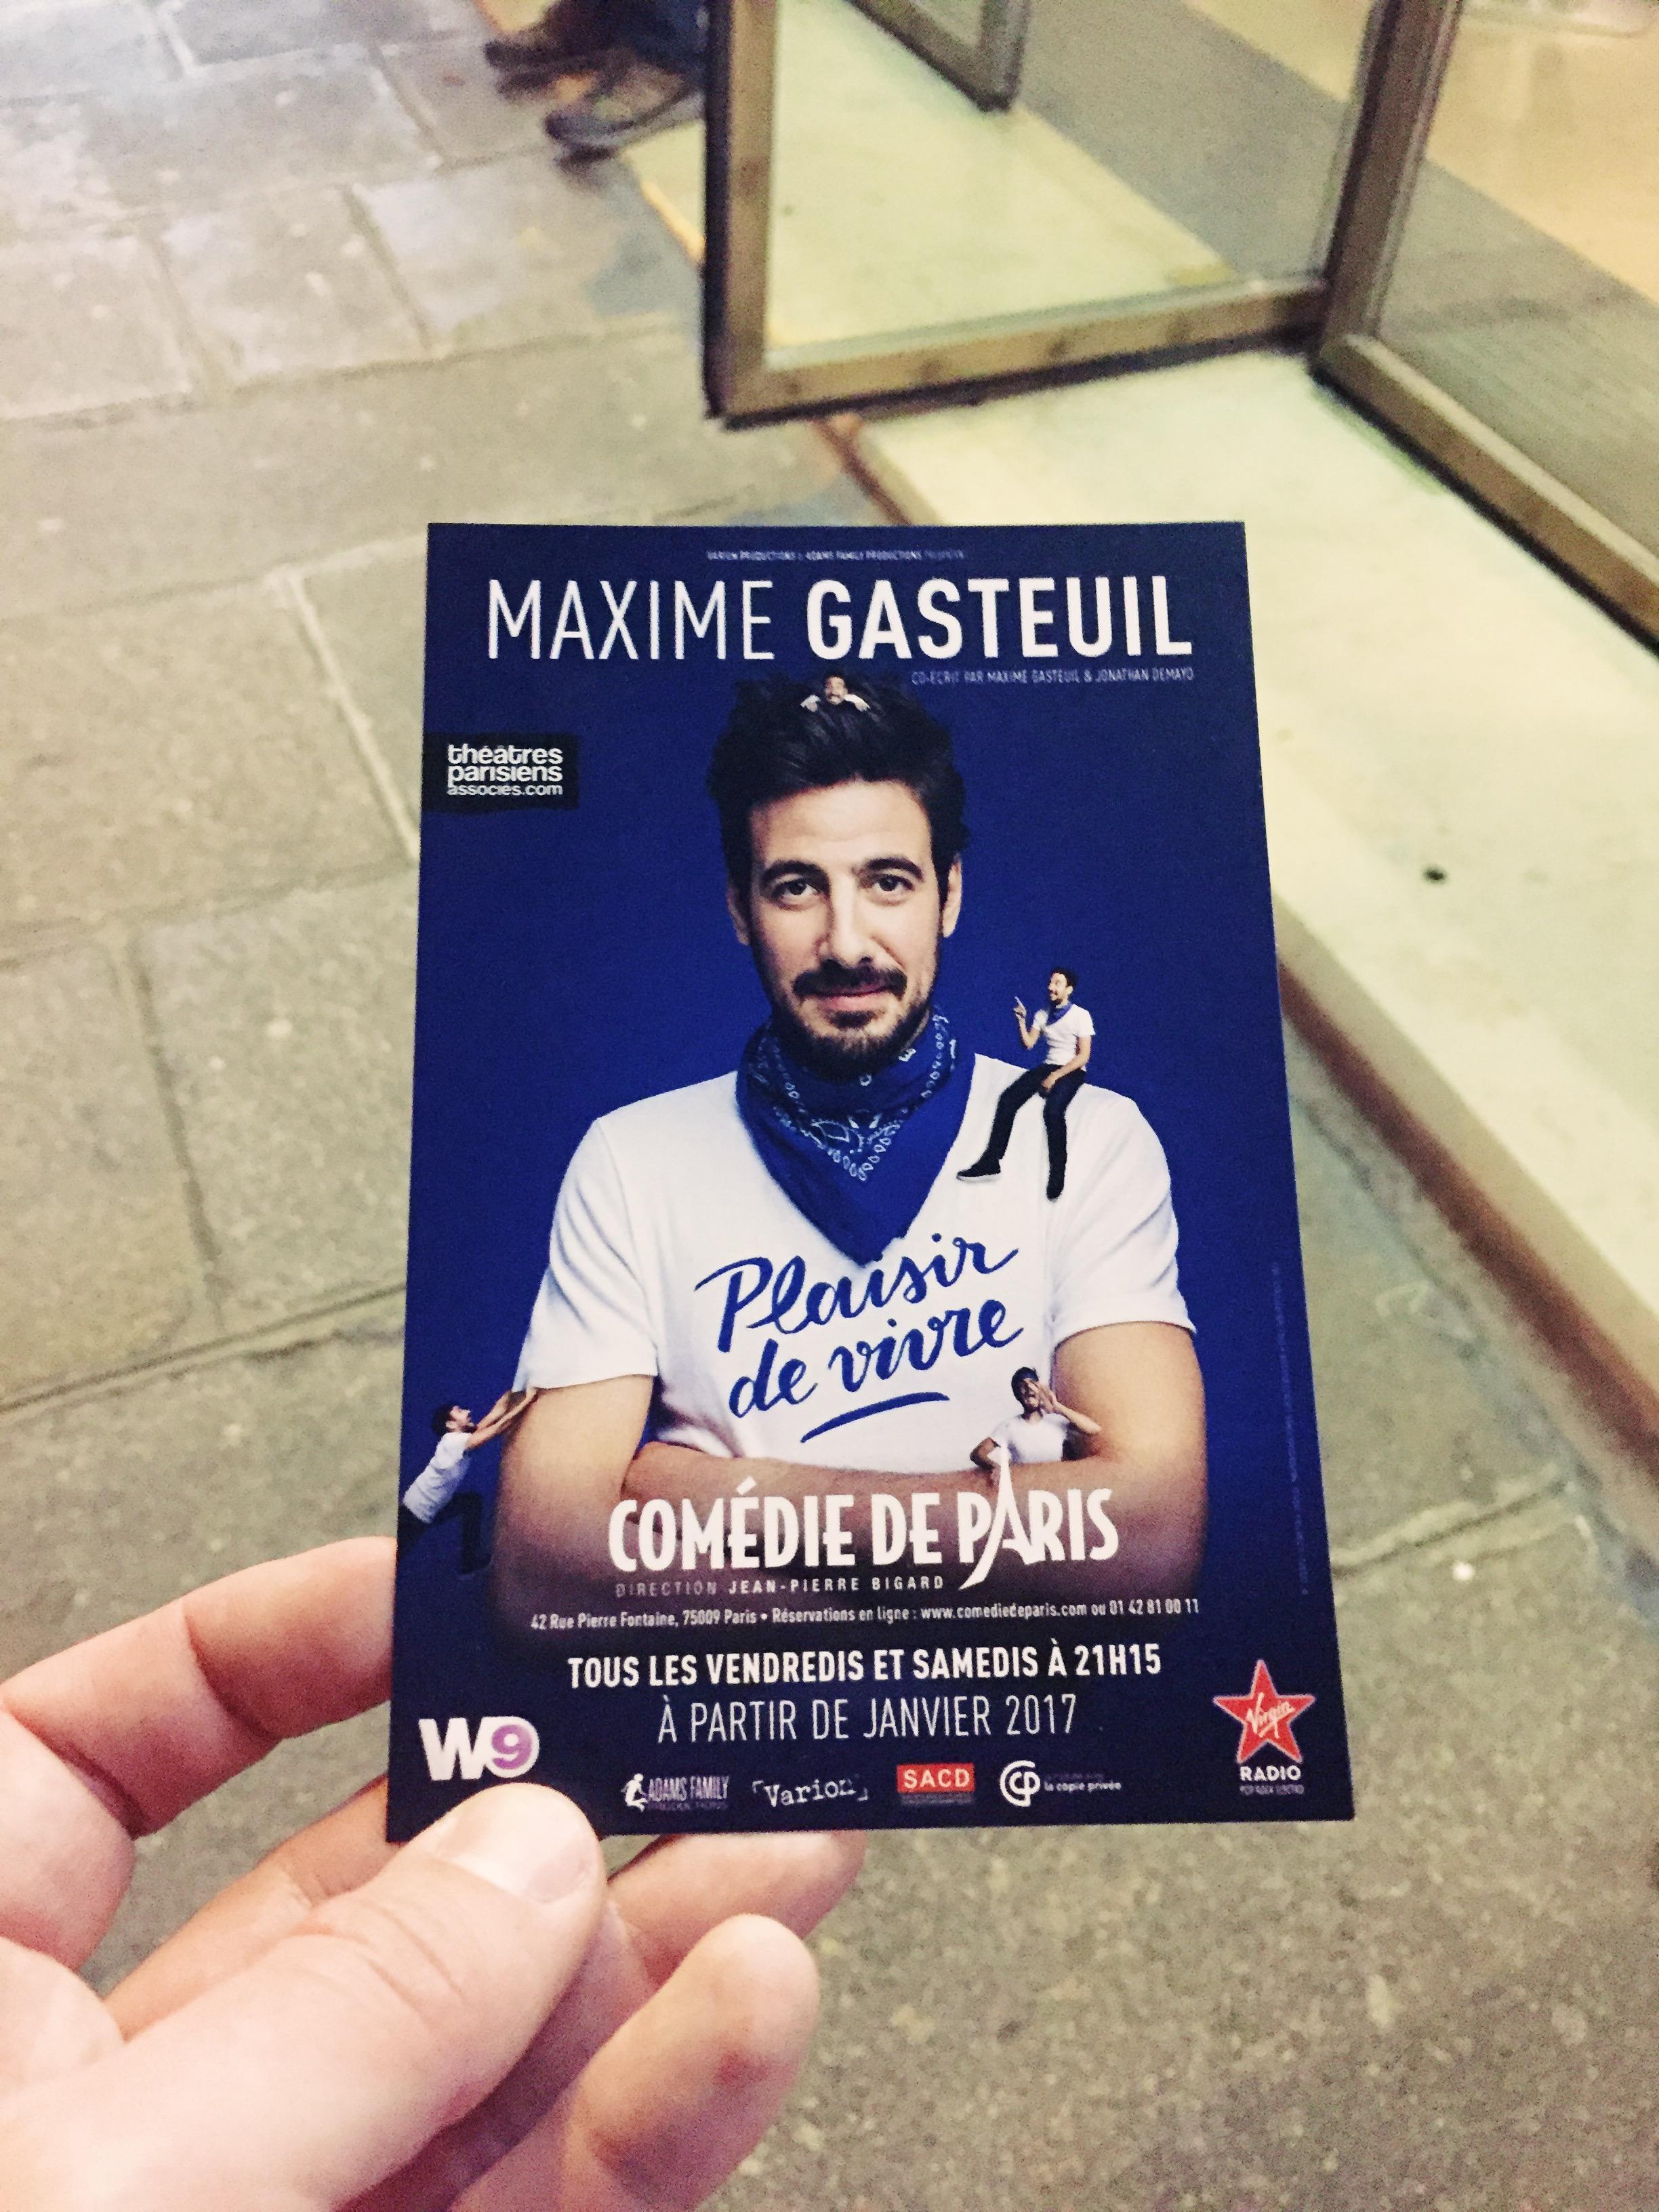 Maxime-Gasteuil-affiche-spectacle-Plaisir-de-vivre-Comédie-de-Paris-photo-flyer-usofparis-blog